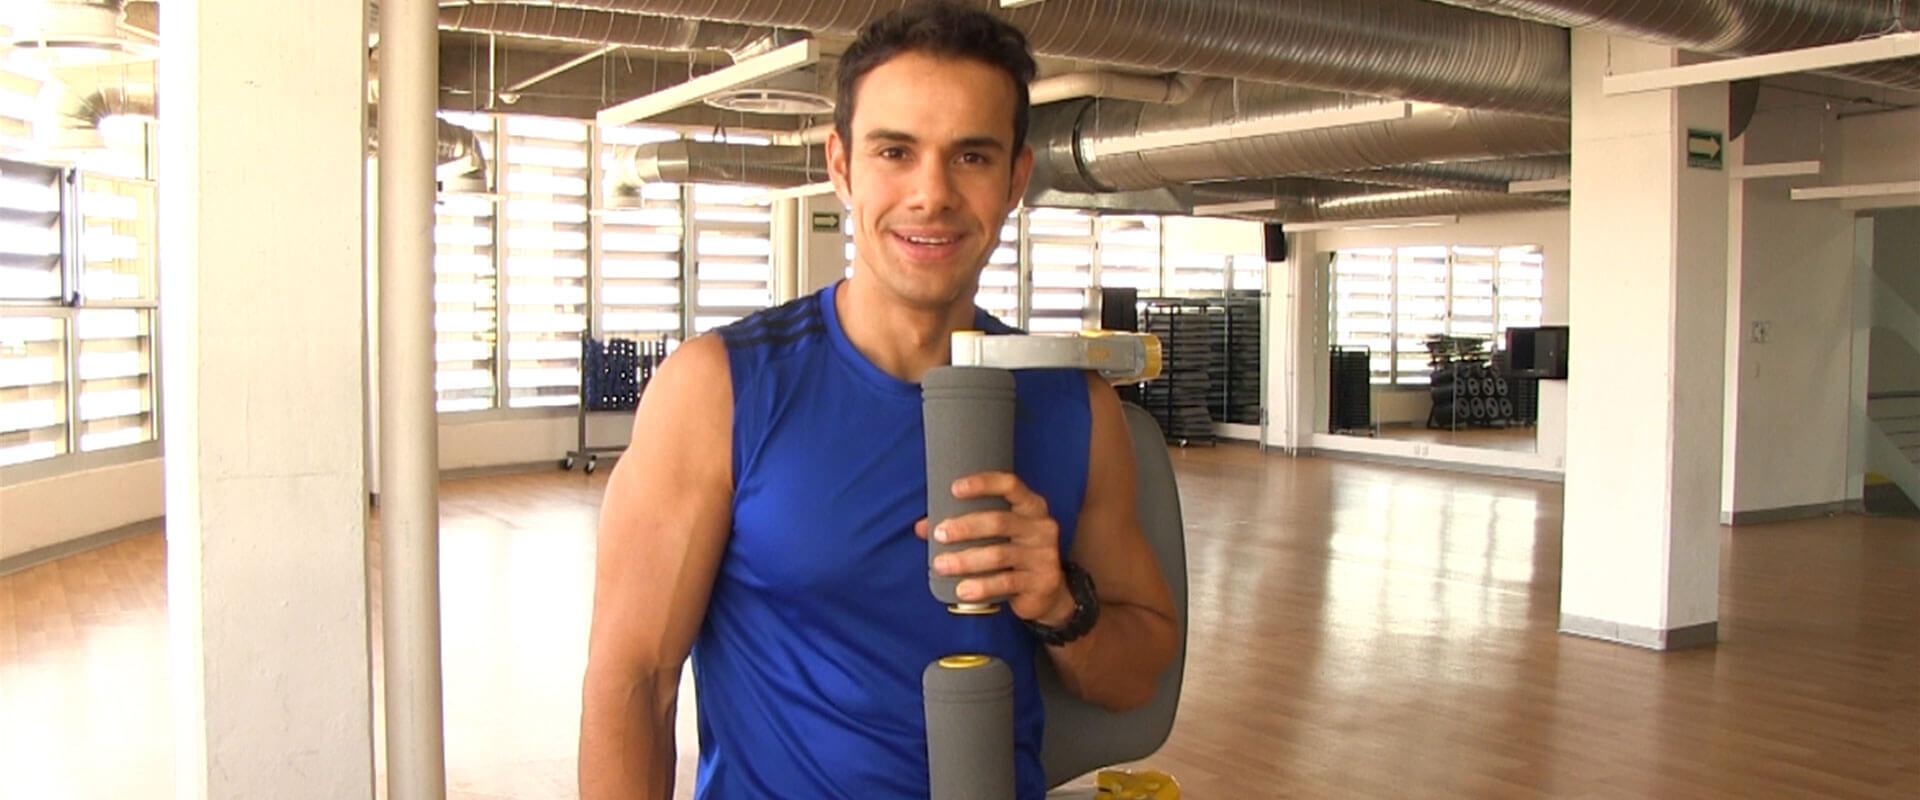 Daniel Cortés cargando el aparato de ejercicio Ab Tomic.